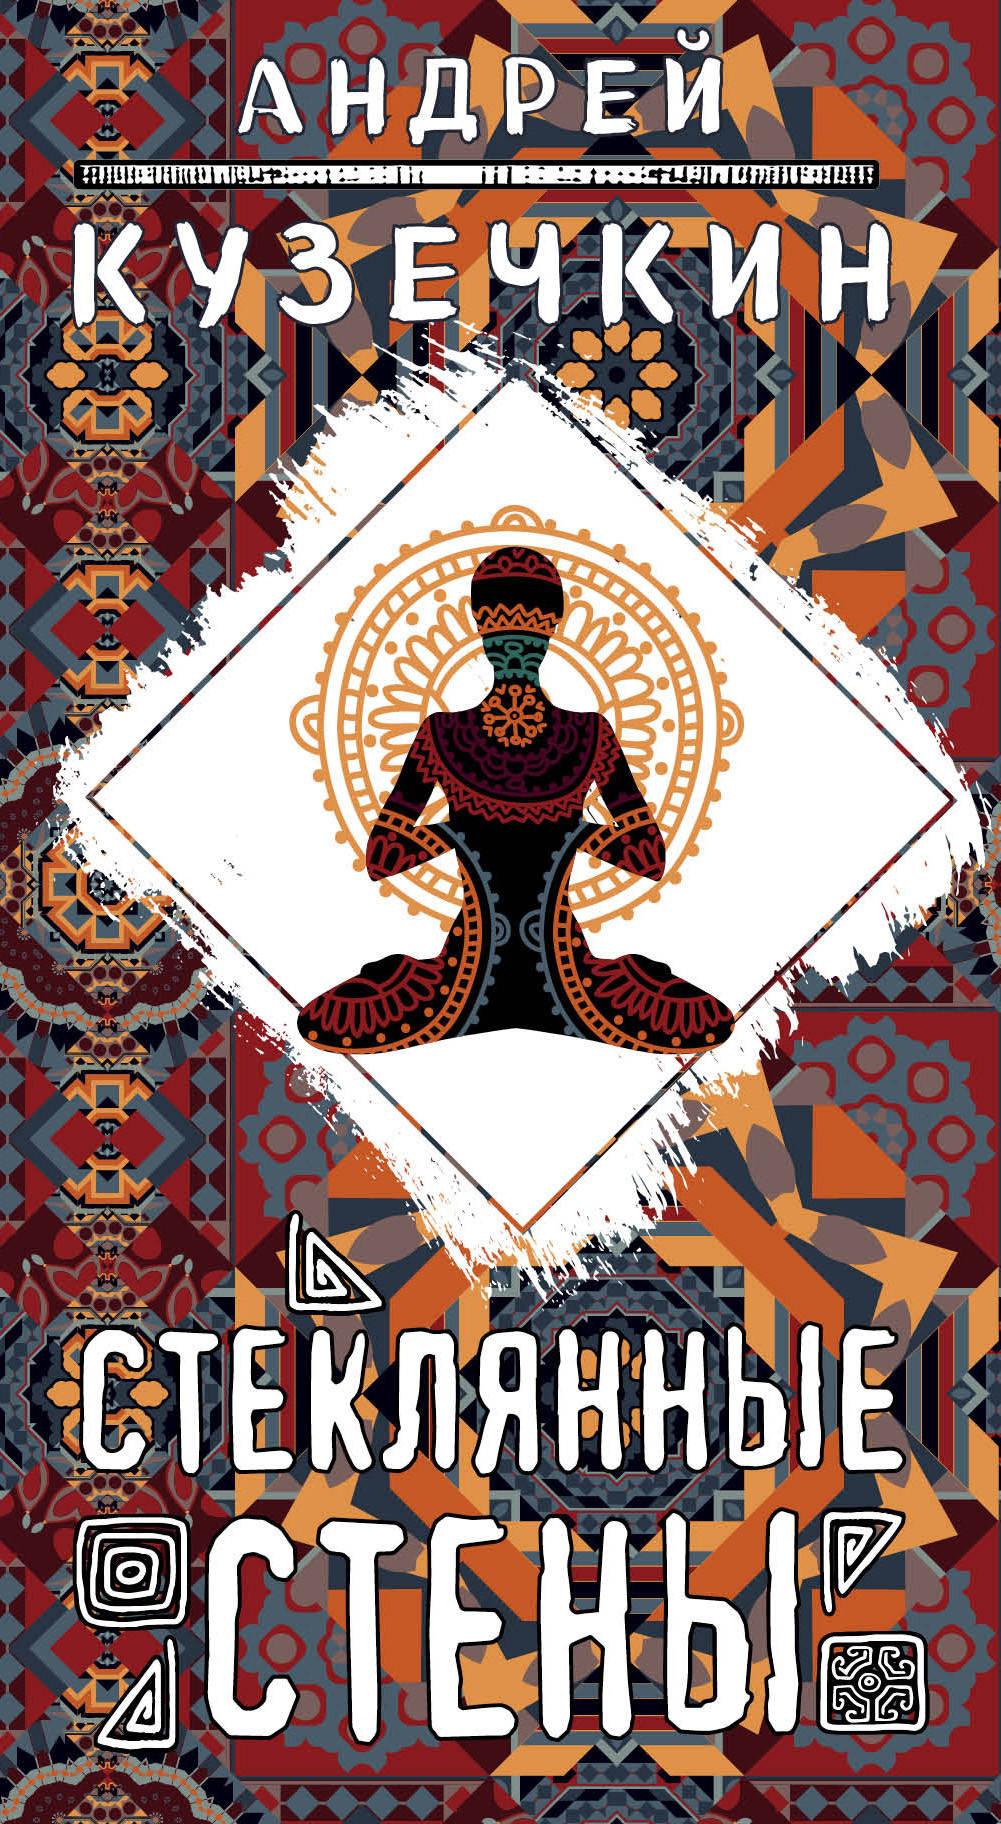 Андрей Кузечкин Стеклянные стены